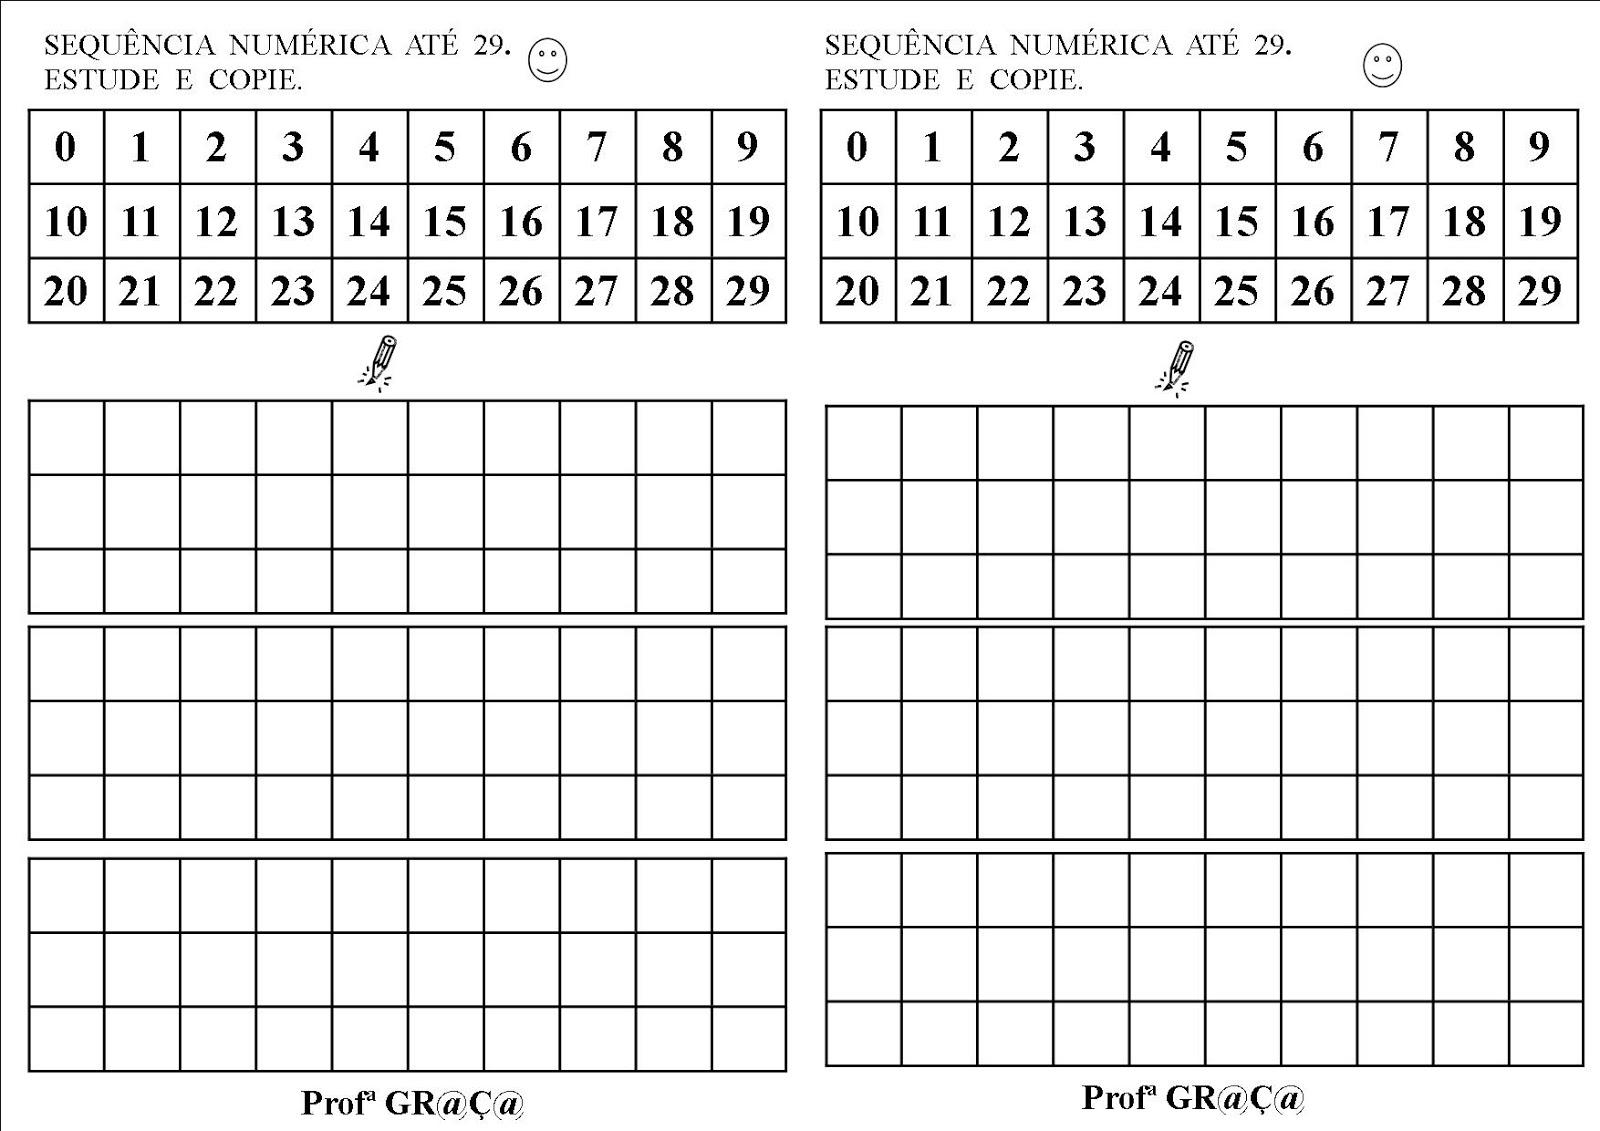 Alfabetizando Com Gr At ç At Sequência Numérica Até 29 Estude E Copie